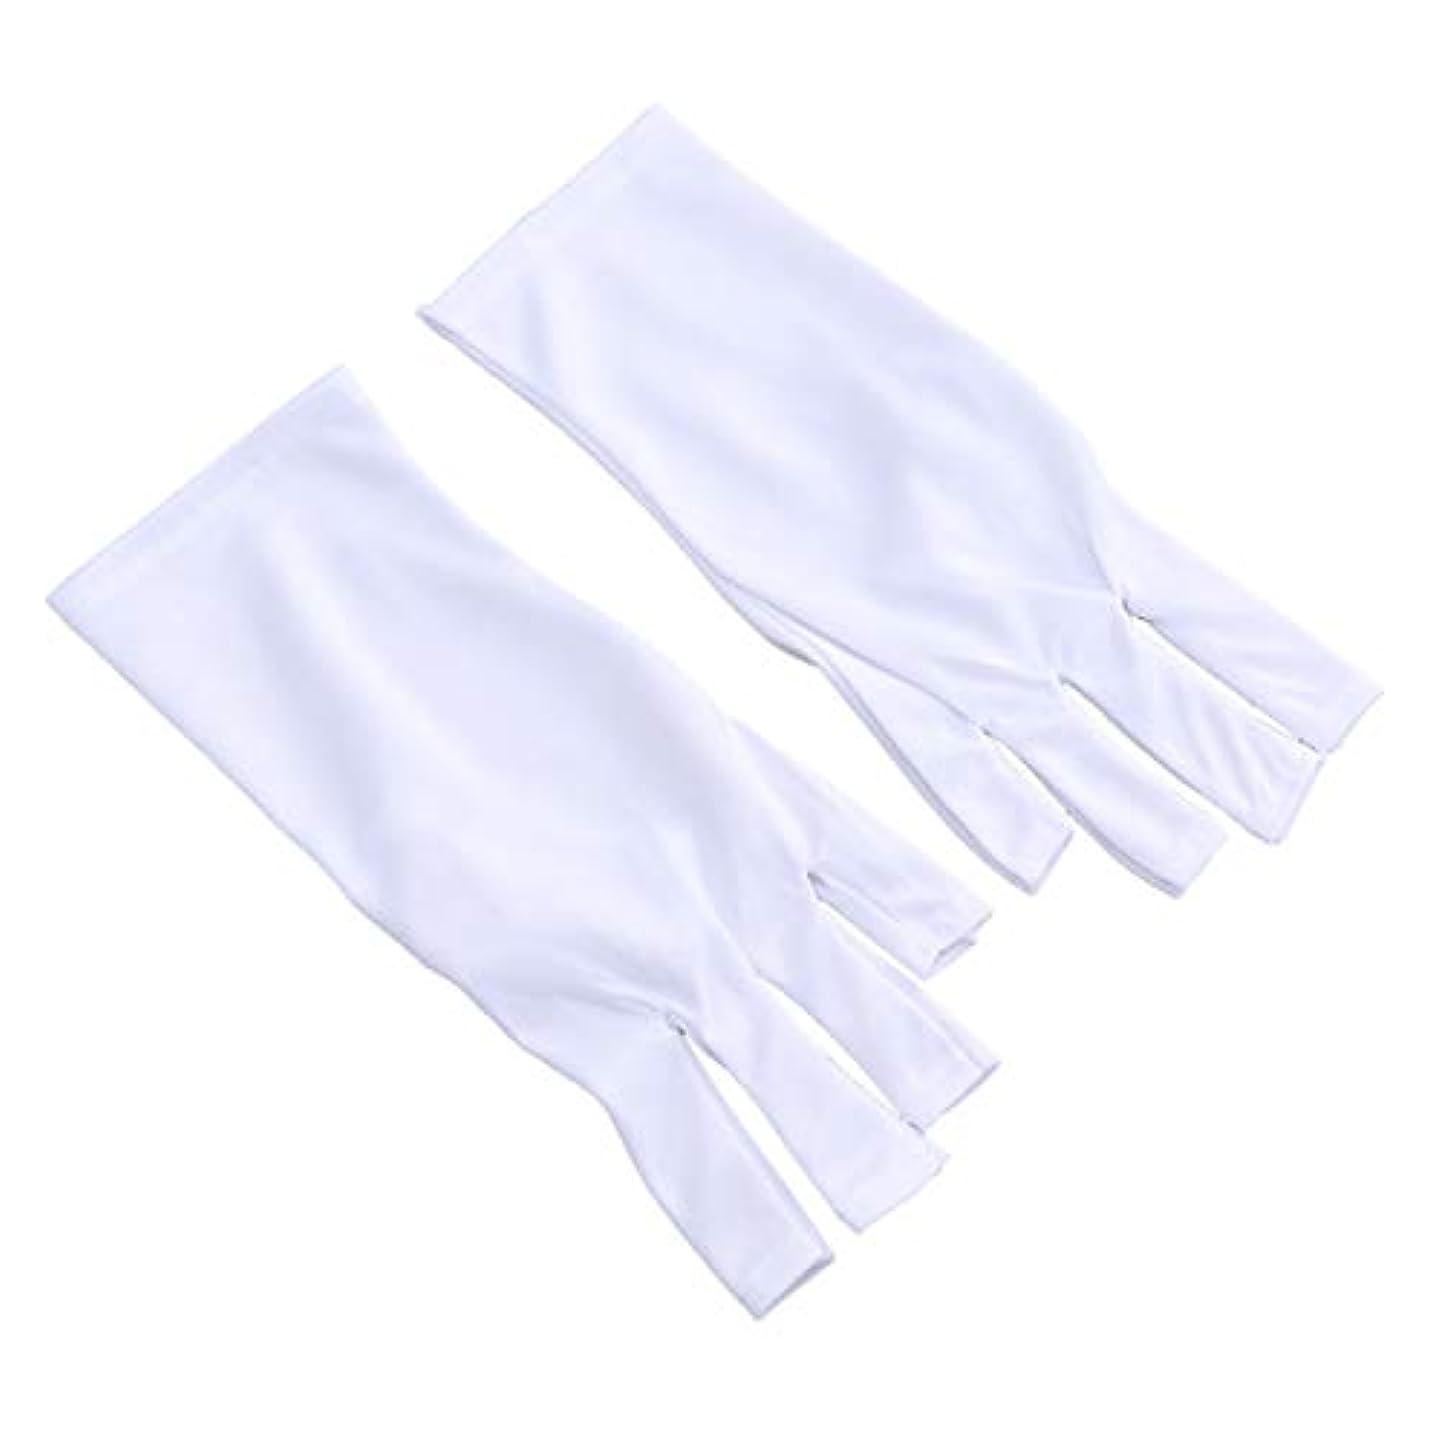 Healify 抗uv手袋 手袋 ネイルアー 放射線防護 マニキュアドライヤーツール 1ペア (25 CMショートホワイトUVグローブ)